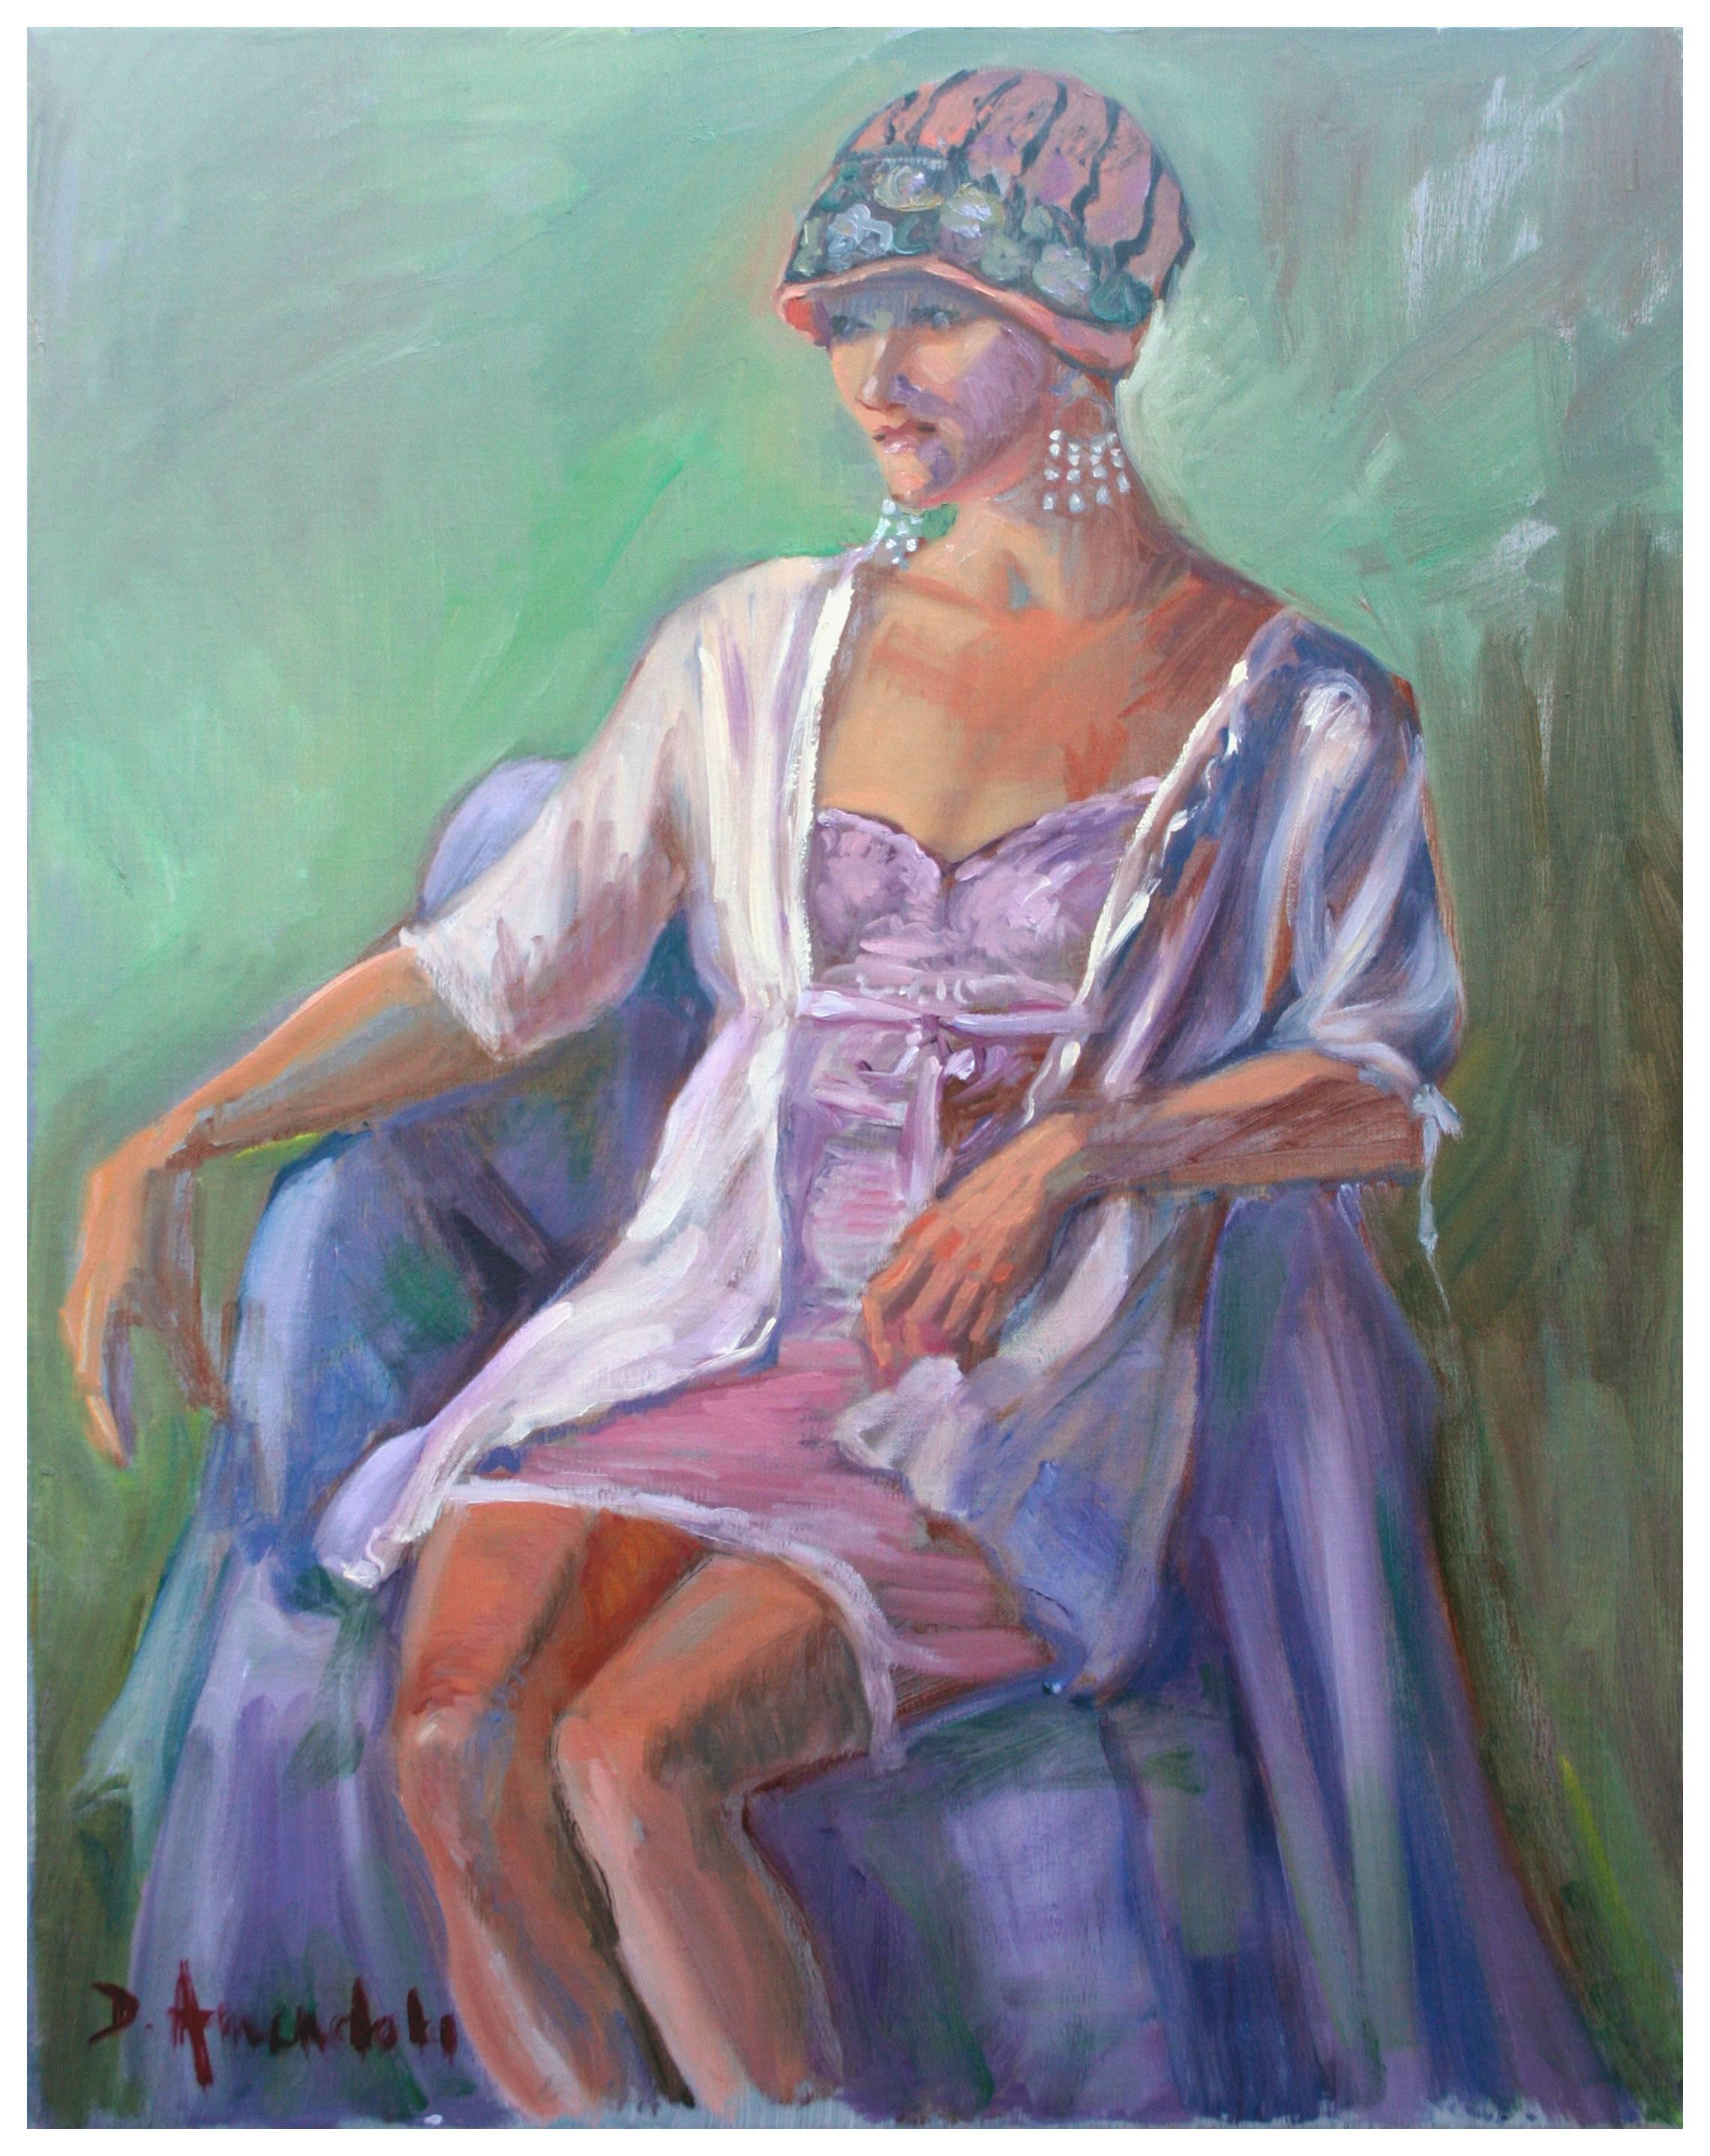 Deco Portrait of a Woman - Female Figure Painting